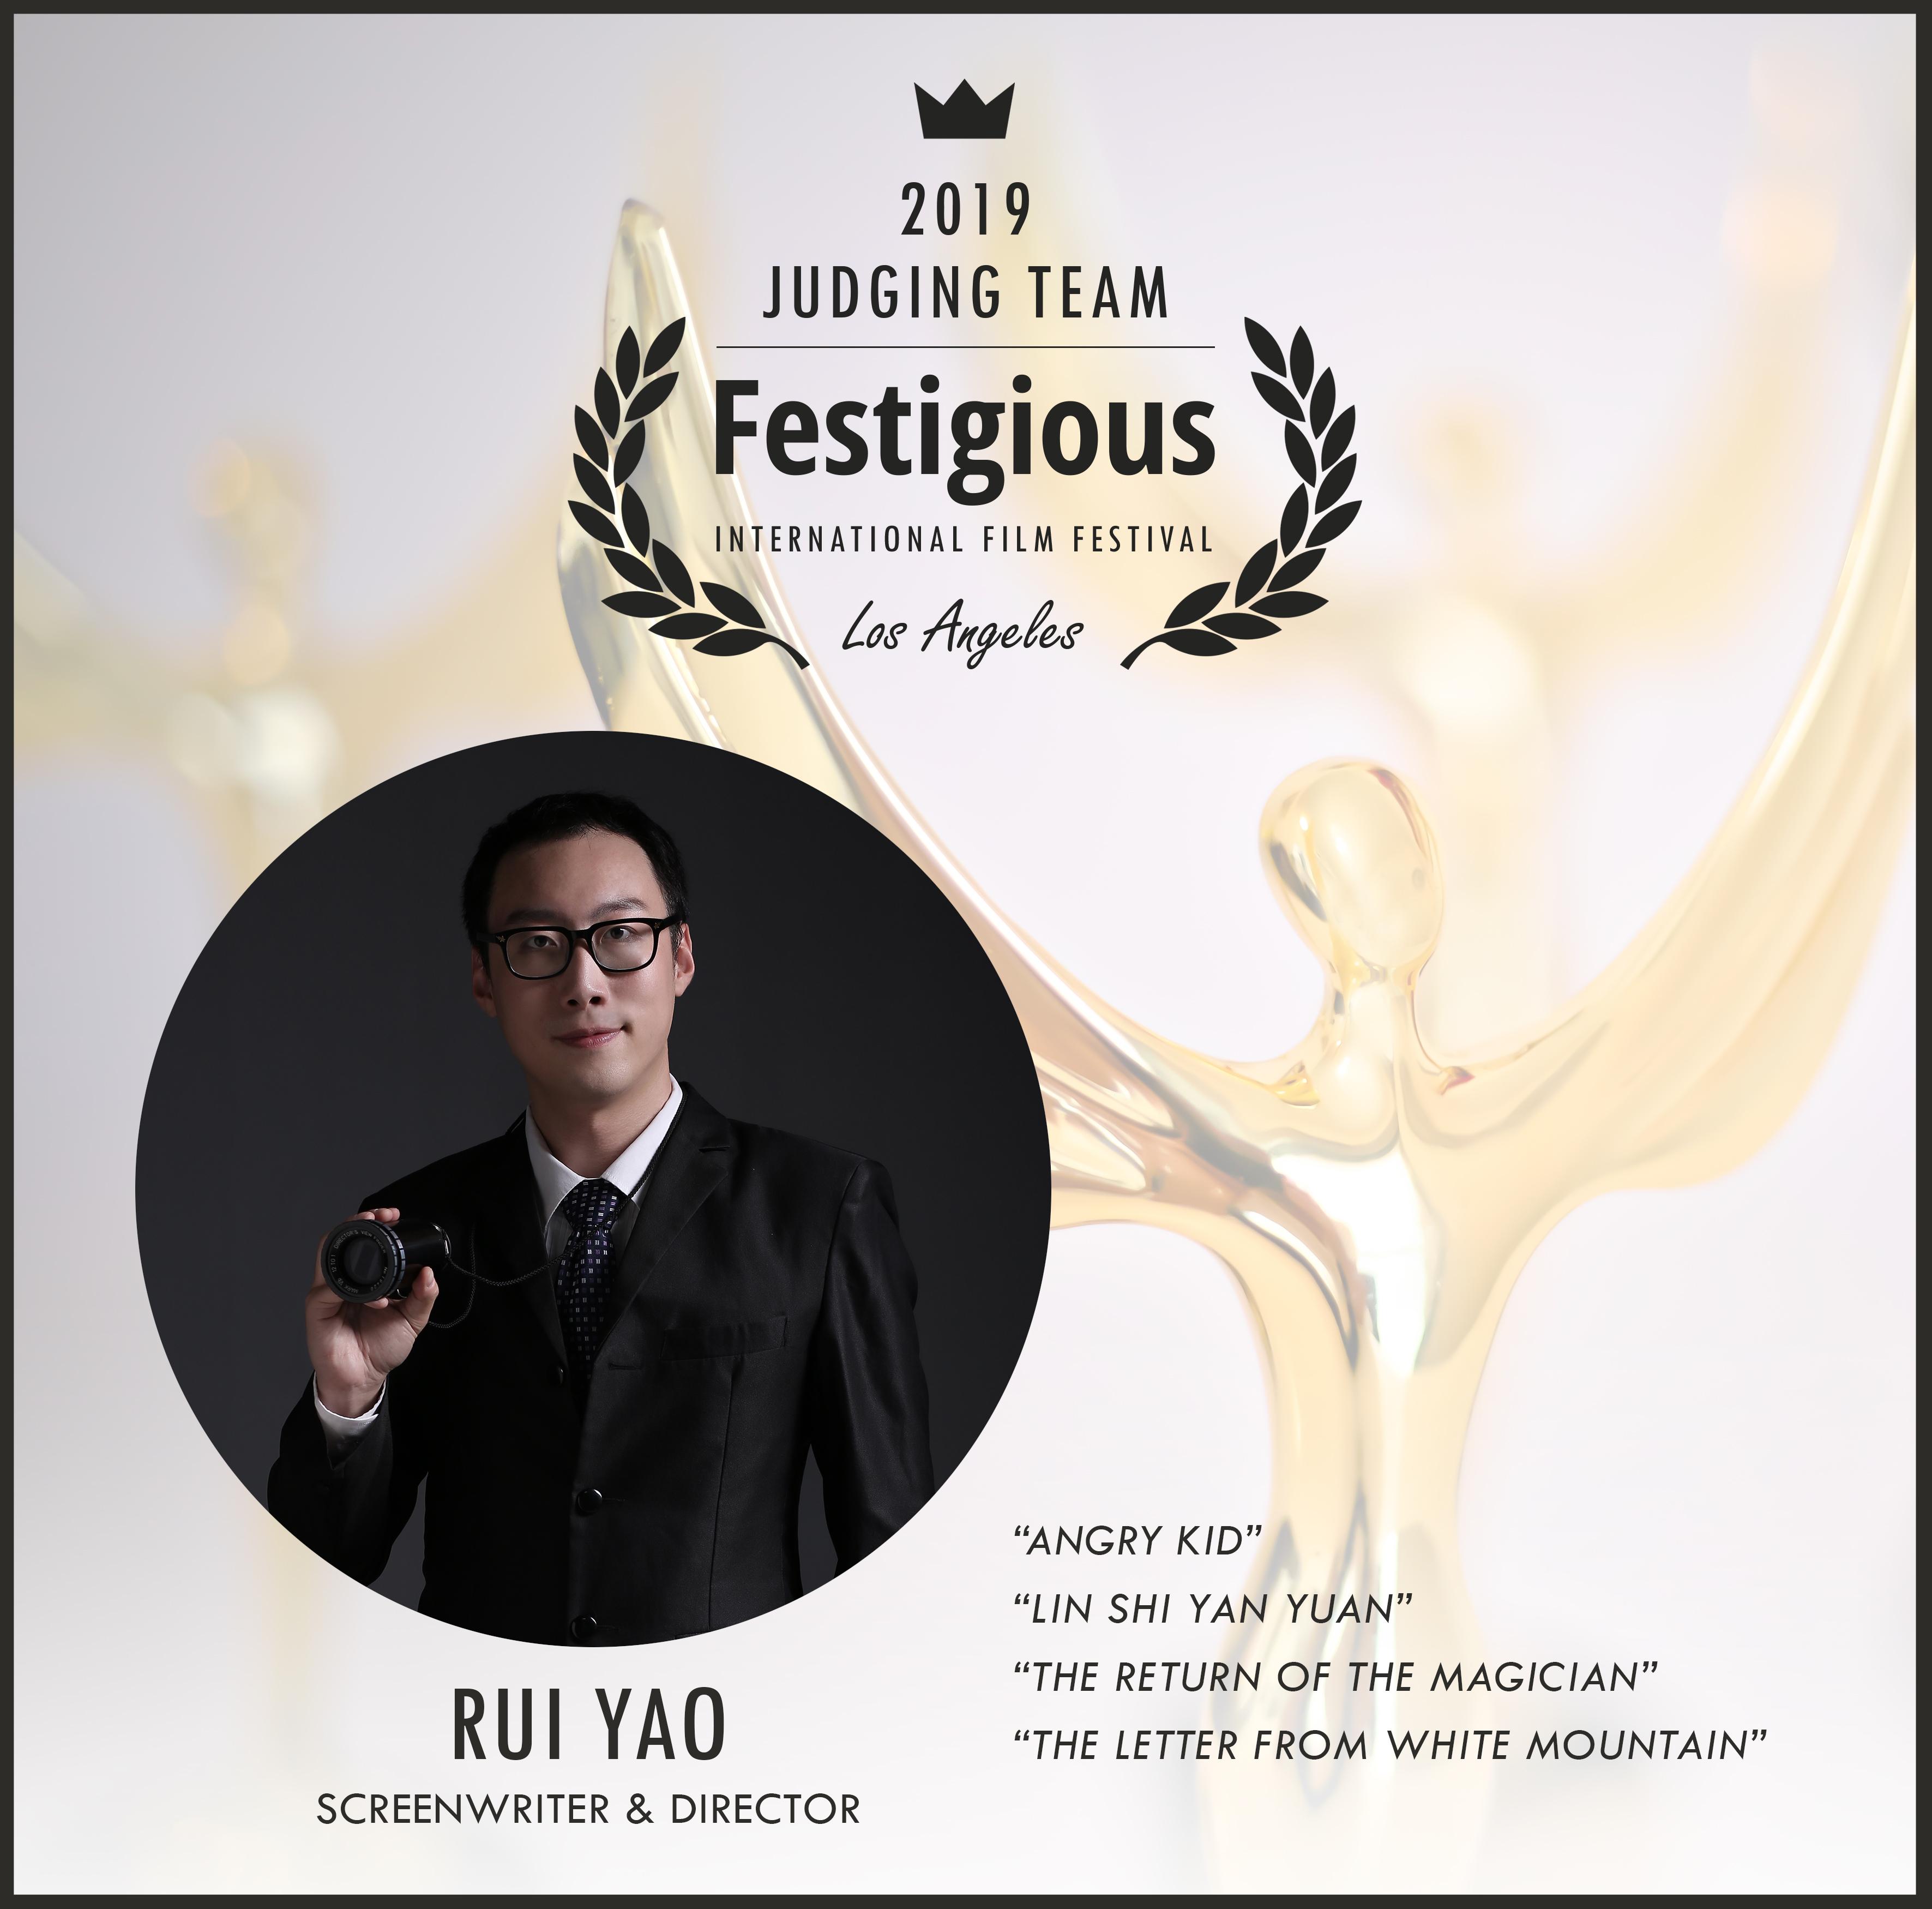 Rui Yao Festigious